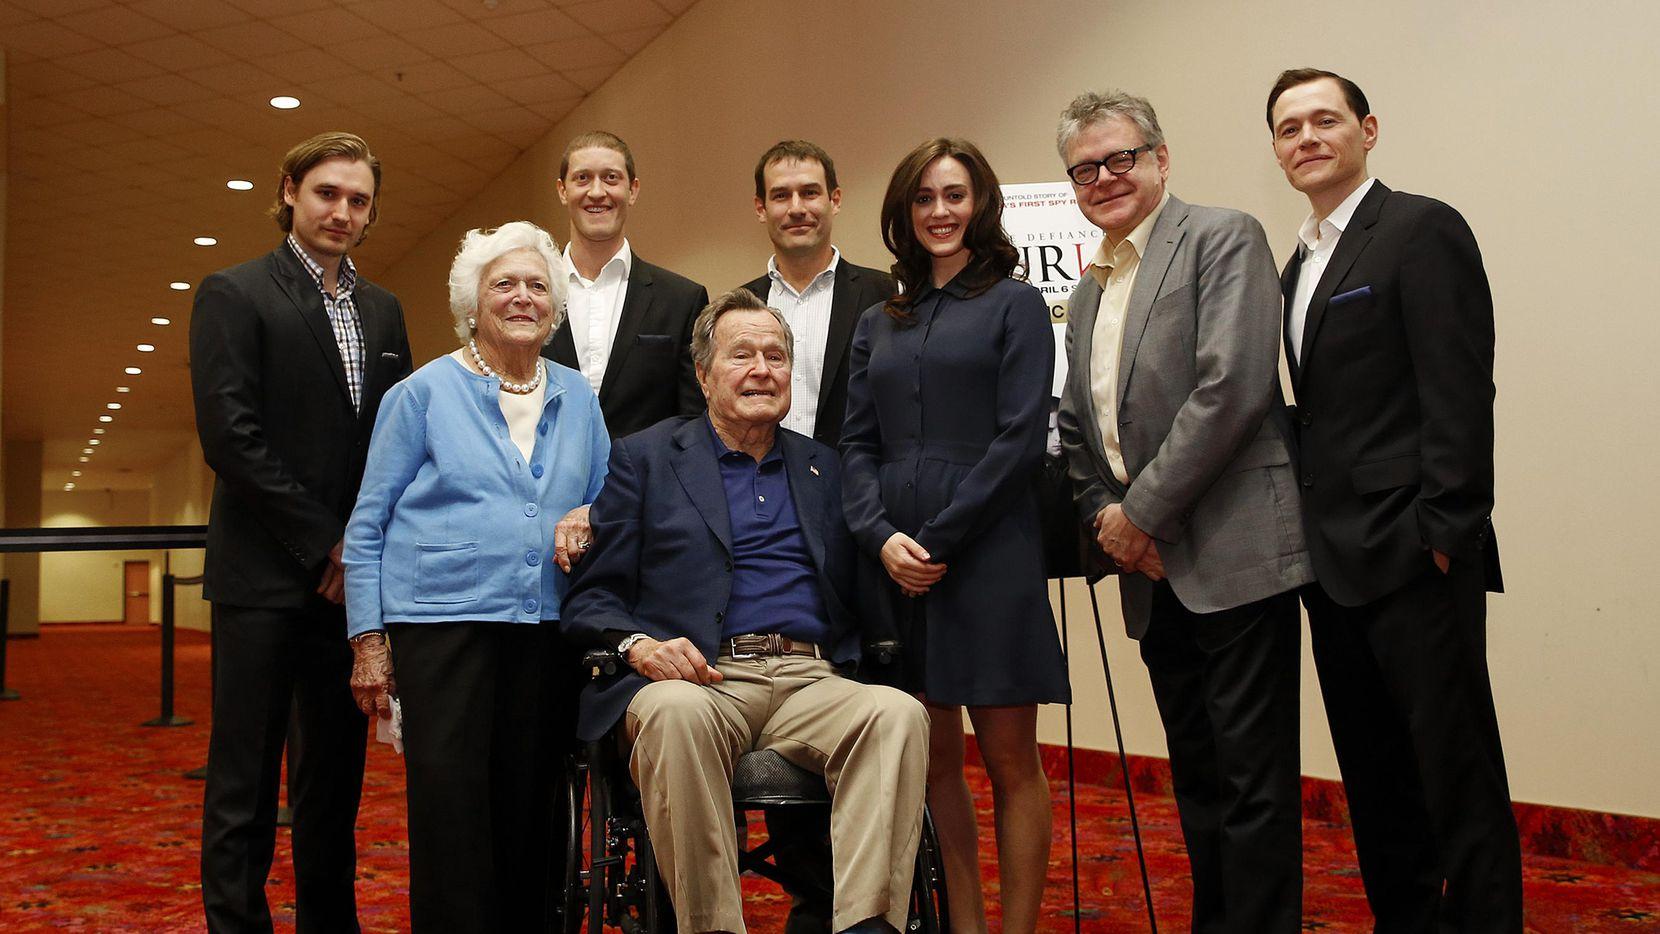 Imagen donde se muestra el momento en tomarse la fotografía de la actriz Heather Lind junto al ex presidente George H.W. Bush, y su esposa Barbara Bush.(CORTESIA AMC)